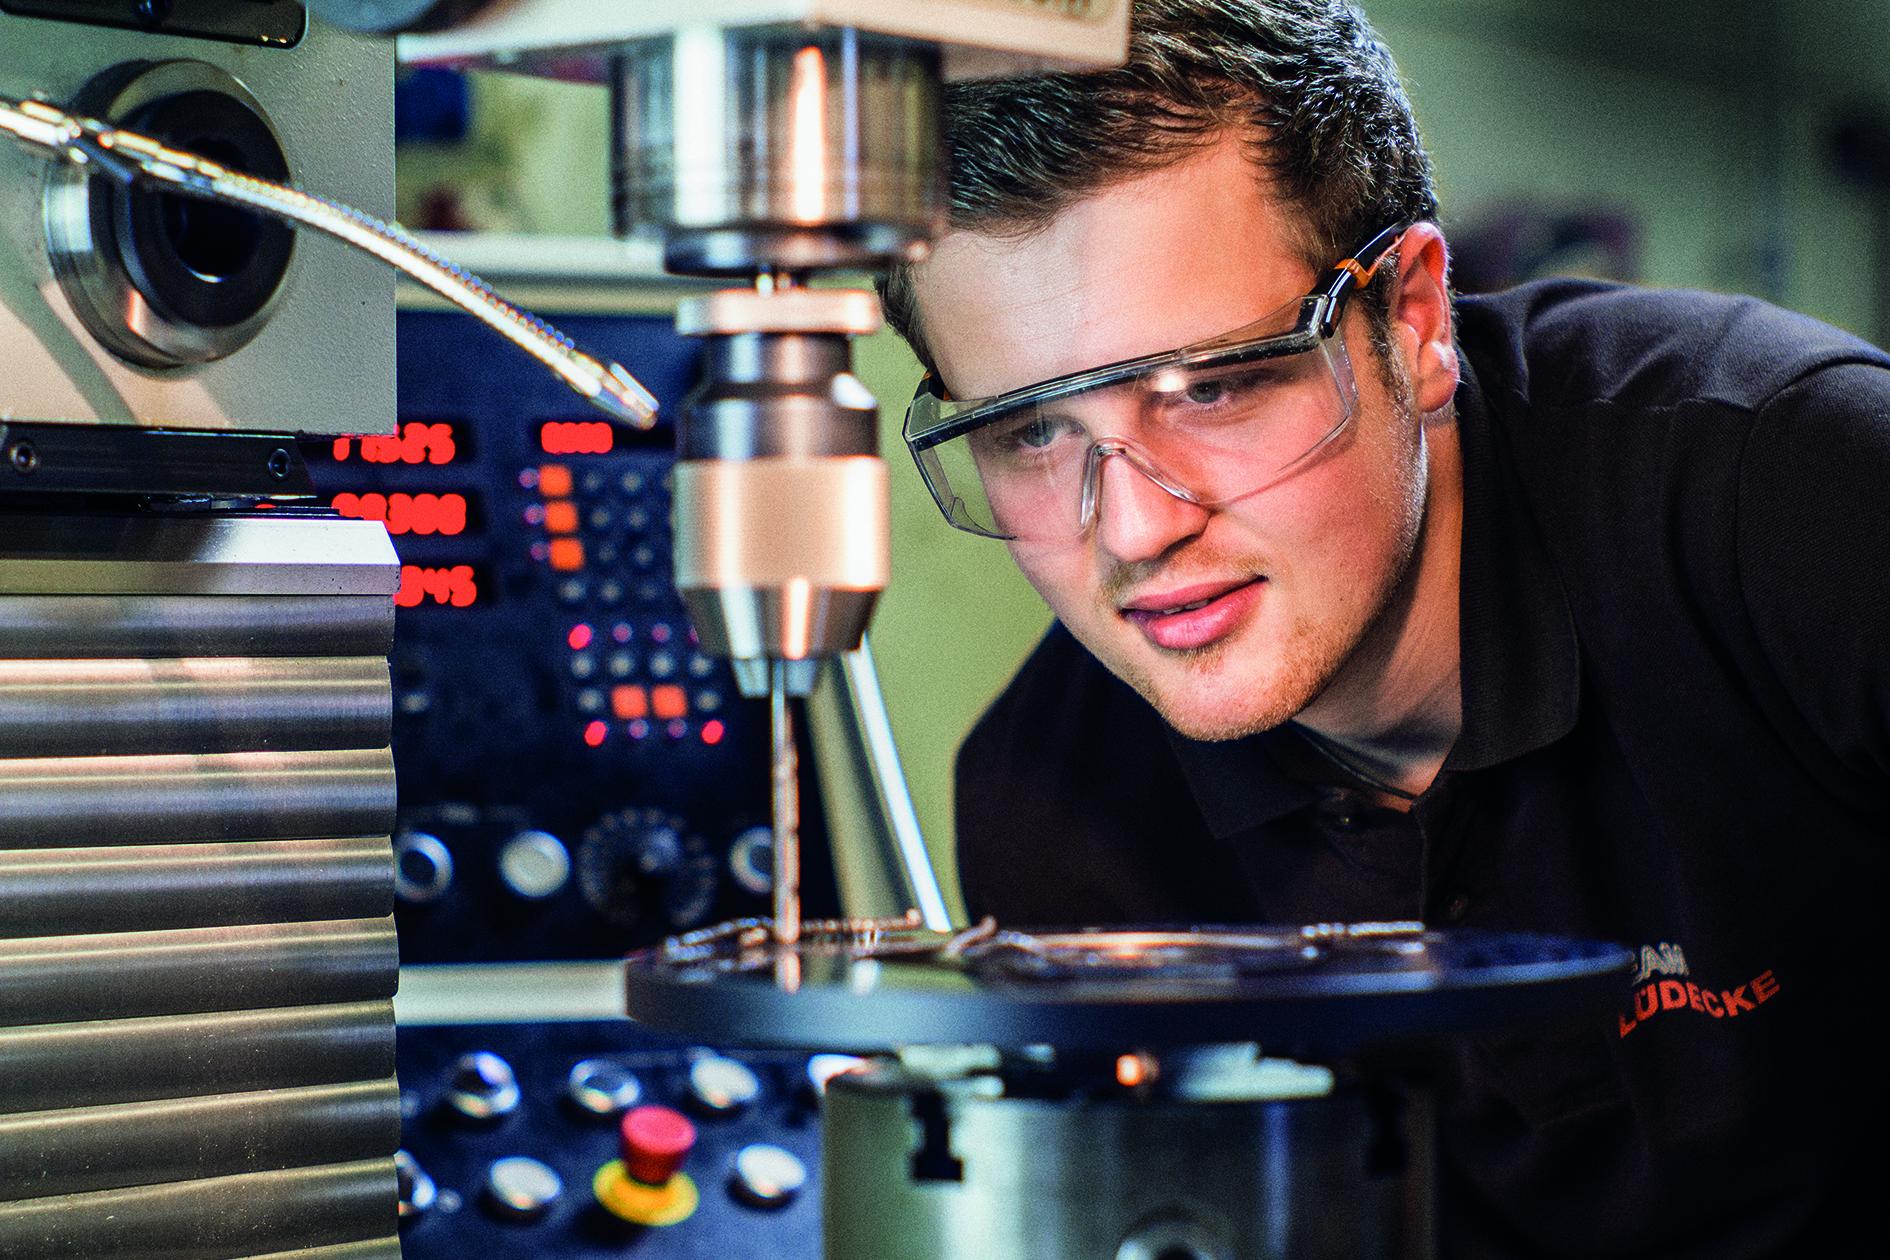 Pro Monat werden bei der Lüdecke GmbH rund 4 Millionen Einzelteile produziert. Das System musste unter Volldampf umgestellt werden. Das setzt sorgfältige Planung voraus. (Bild: Lüdecke GmbH)